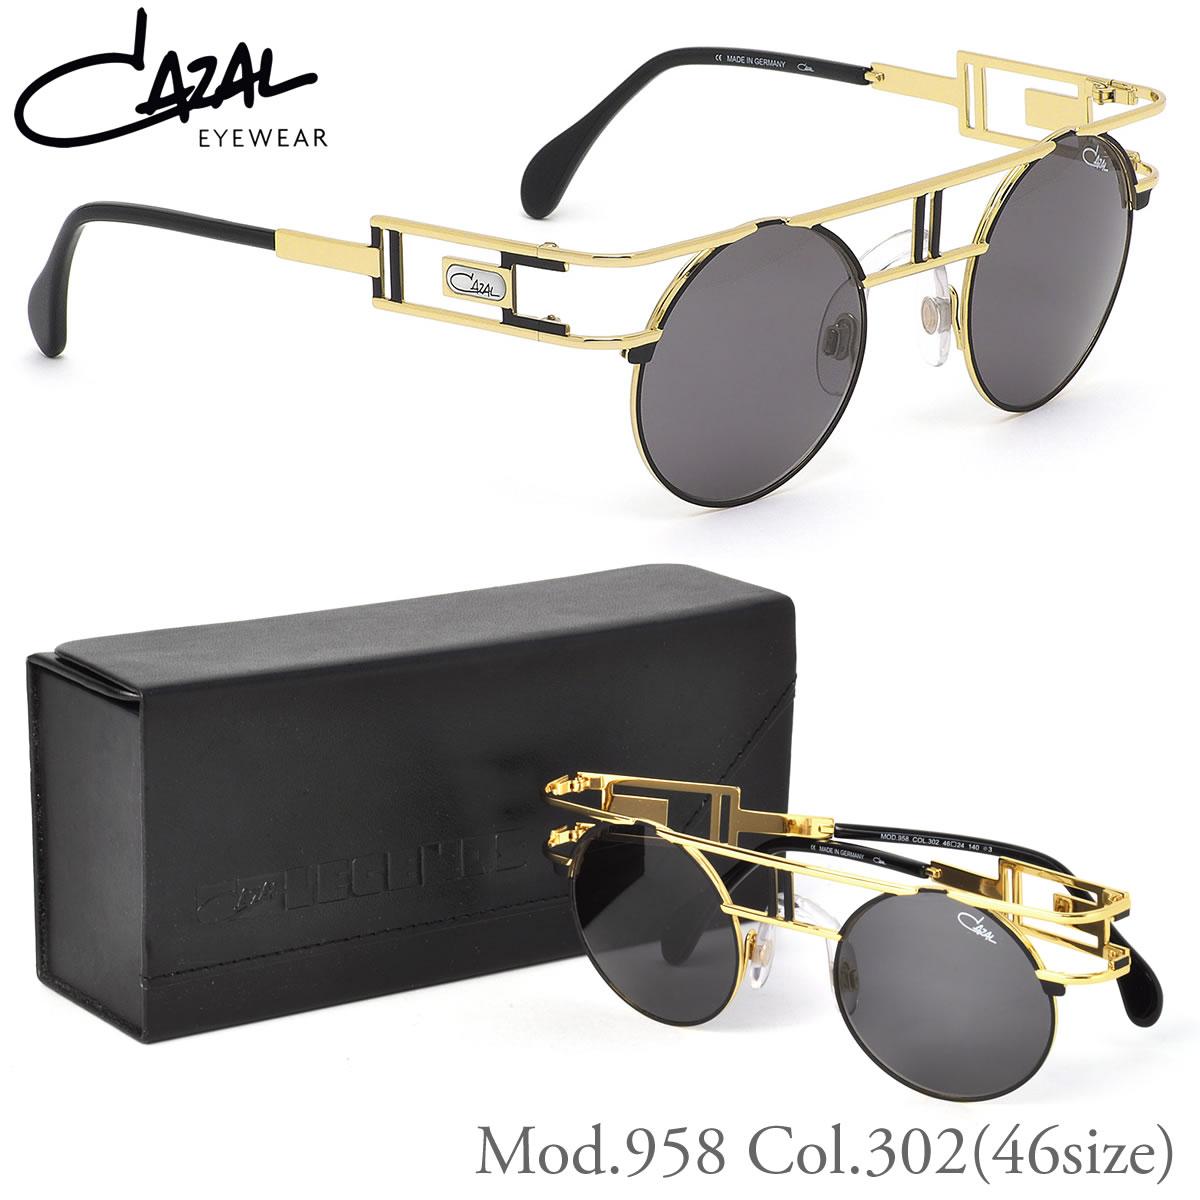 カザール CAZAL サングラス 958 302 46サイズ LEGENDS レジェンズ CAZAL メンズ レディース